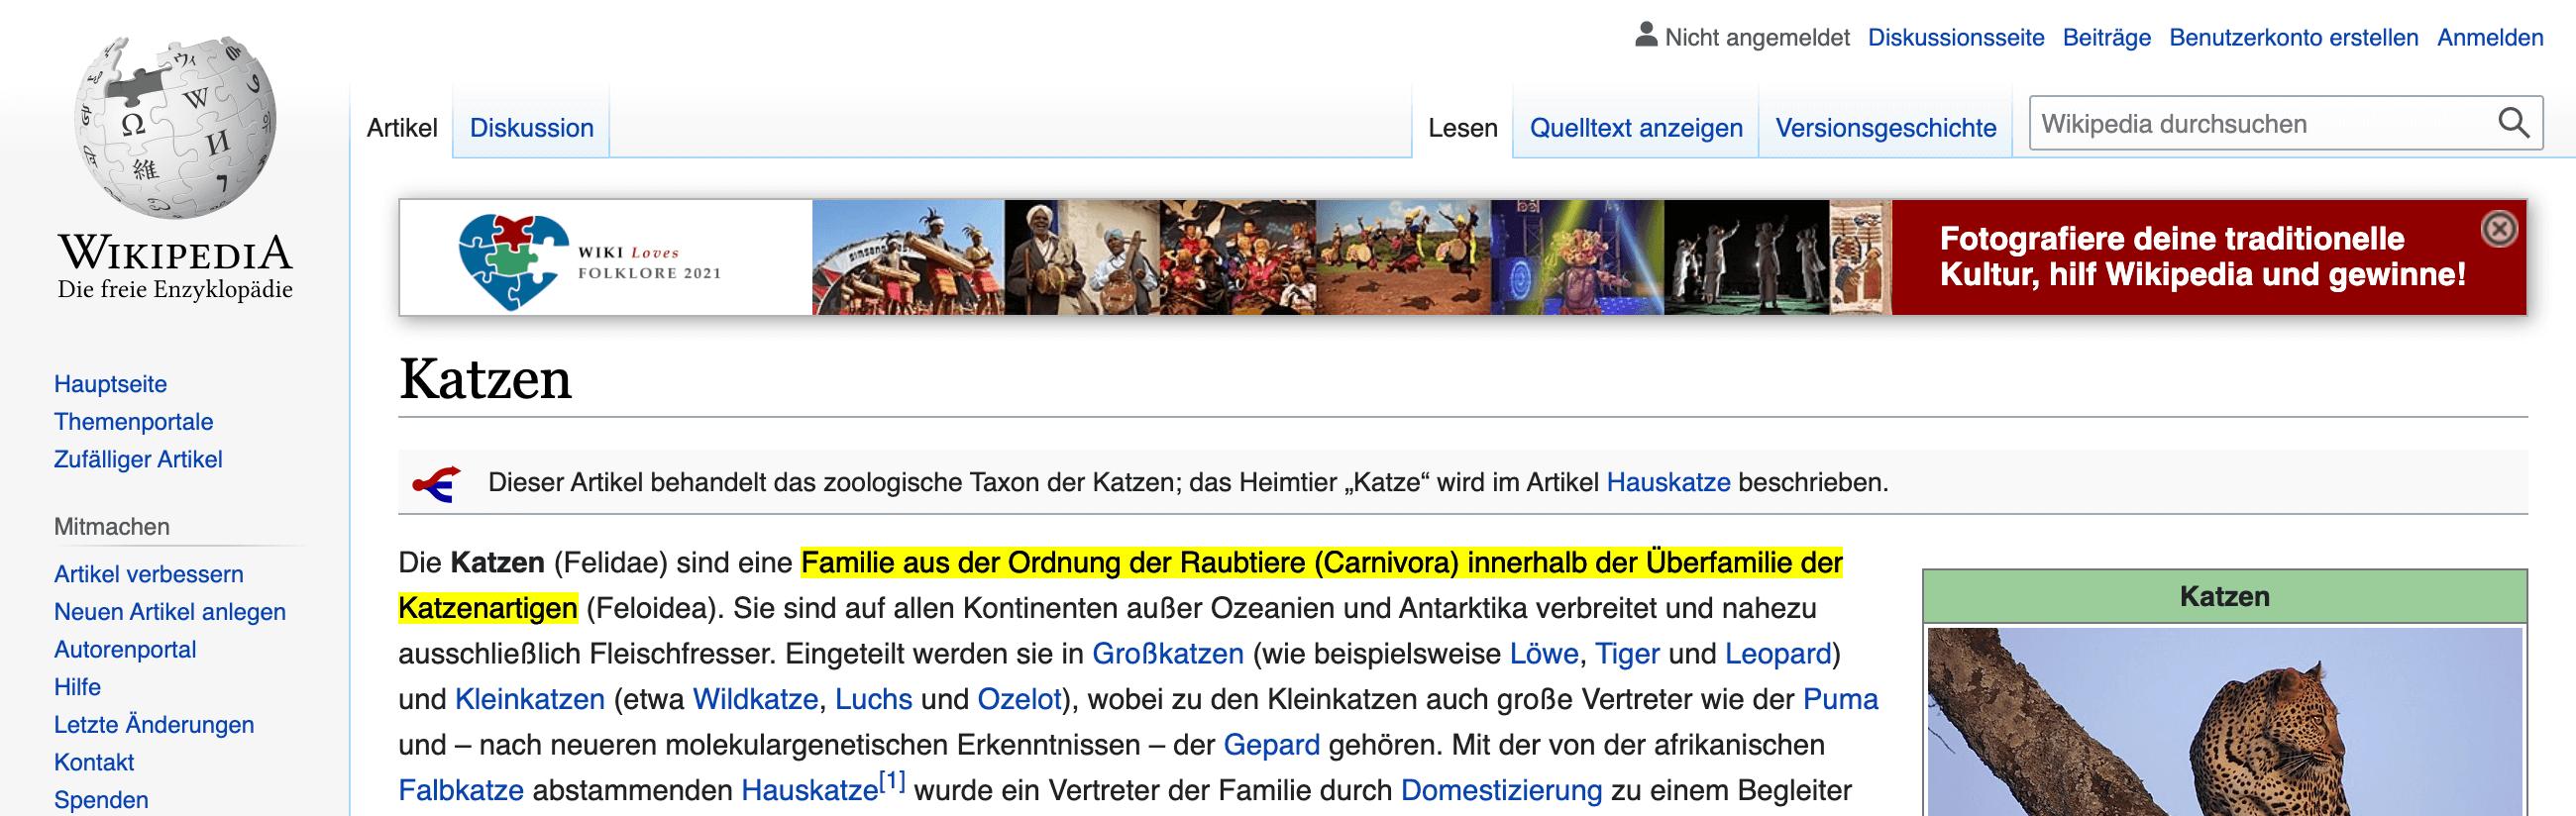 Zeigt einen farblich markierten Satz in dem Wikipedia-Artikel über Katzen.